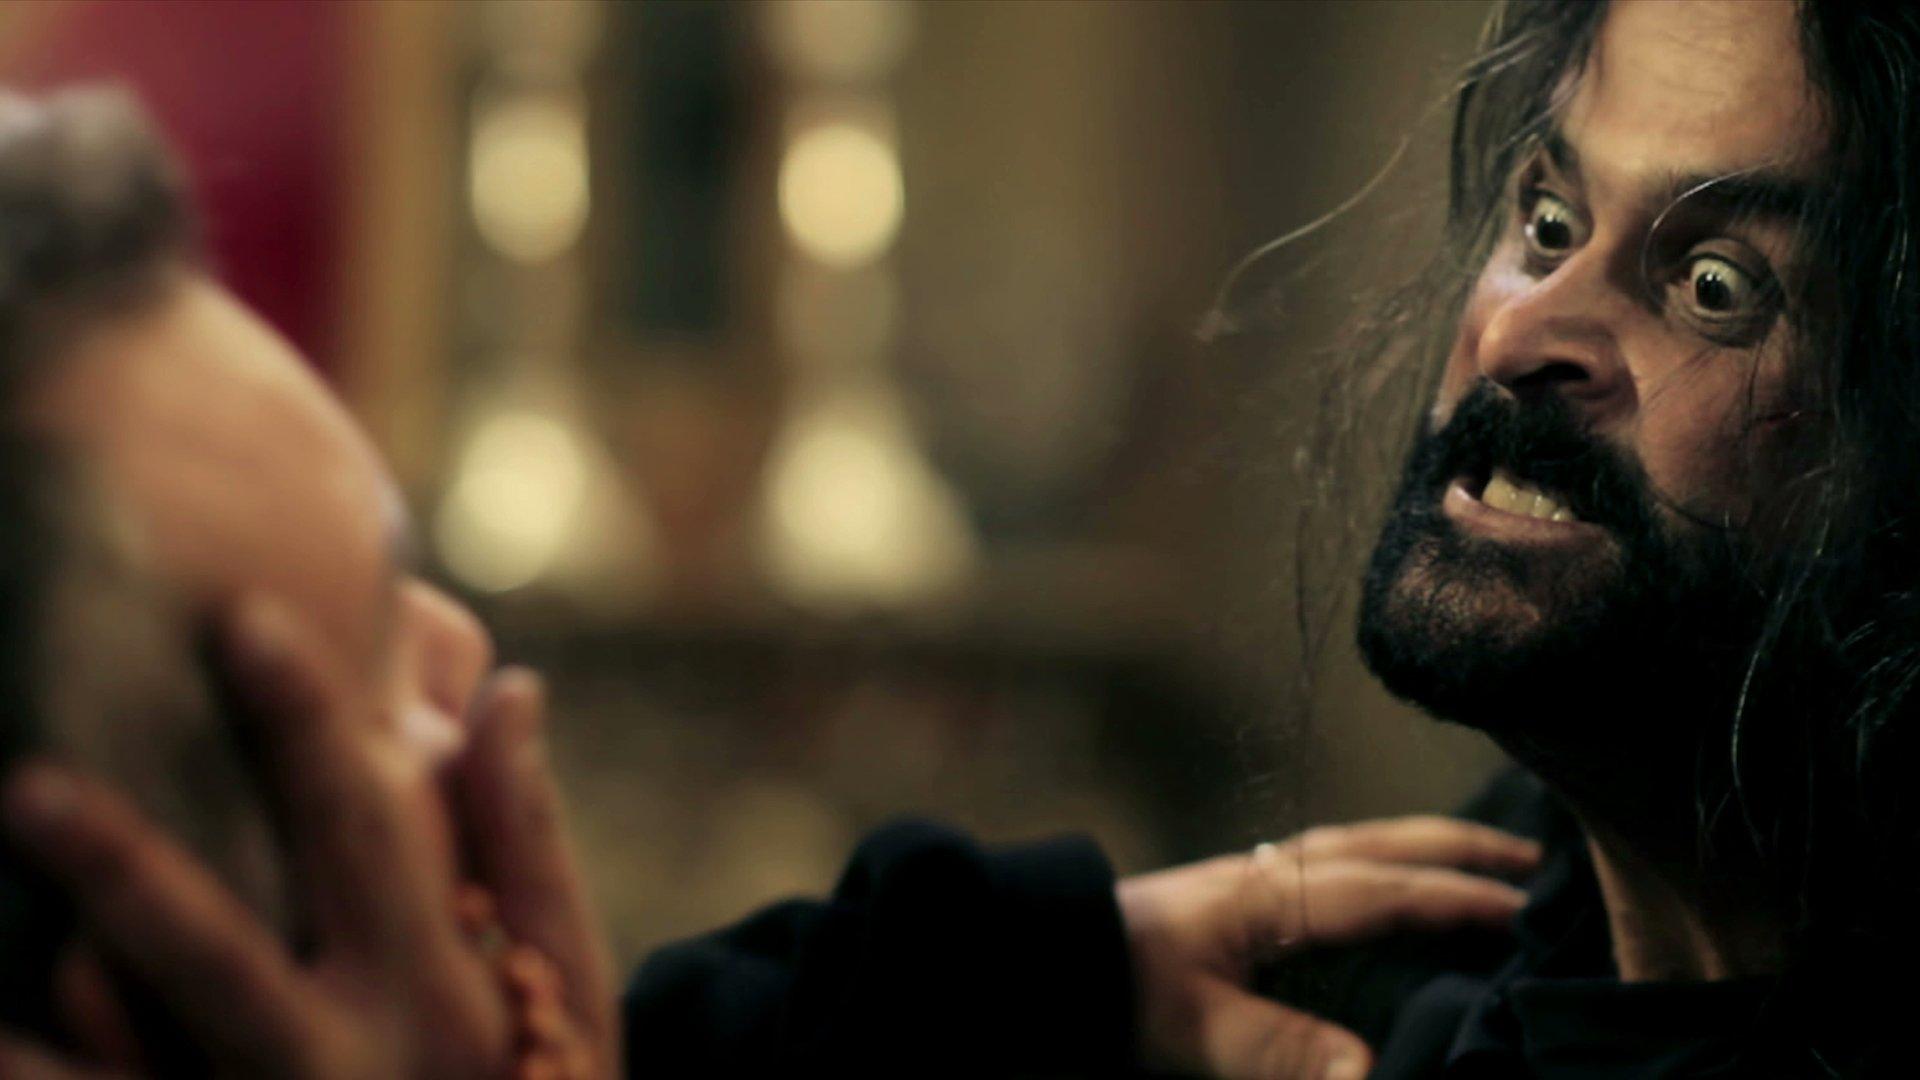 Ombra e il Poeta: la sconvolgente opera rock di Gianni Caminiti